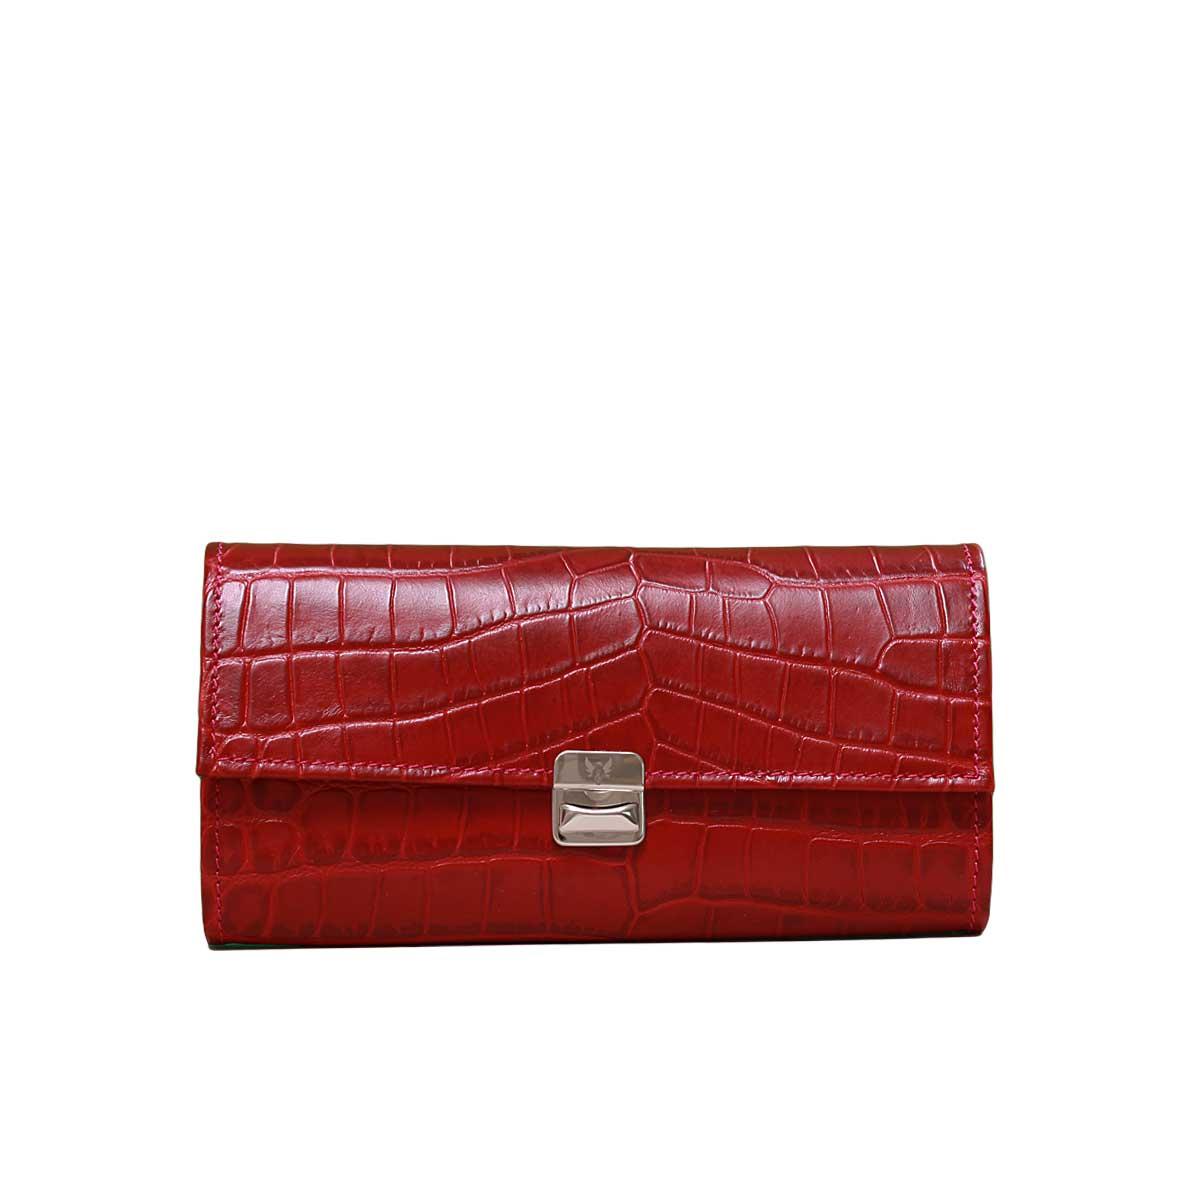 Details für Durchsuchen Sie die neuesten Kollektionen wie man serch Leder Geldbörse Kroko Rot XL